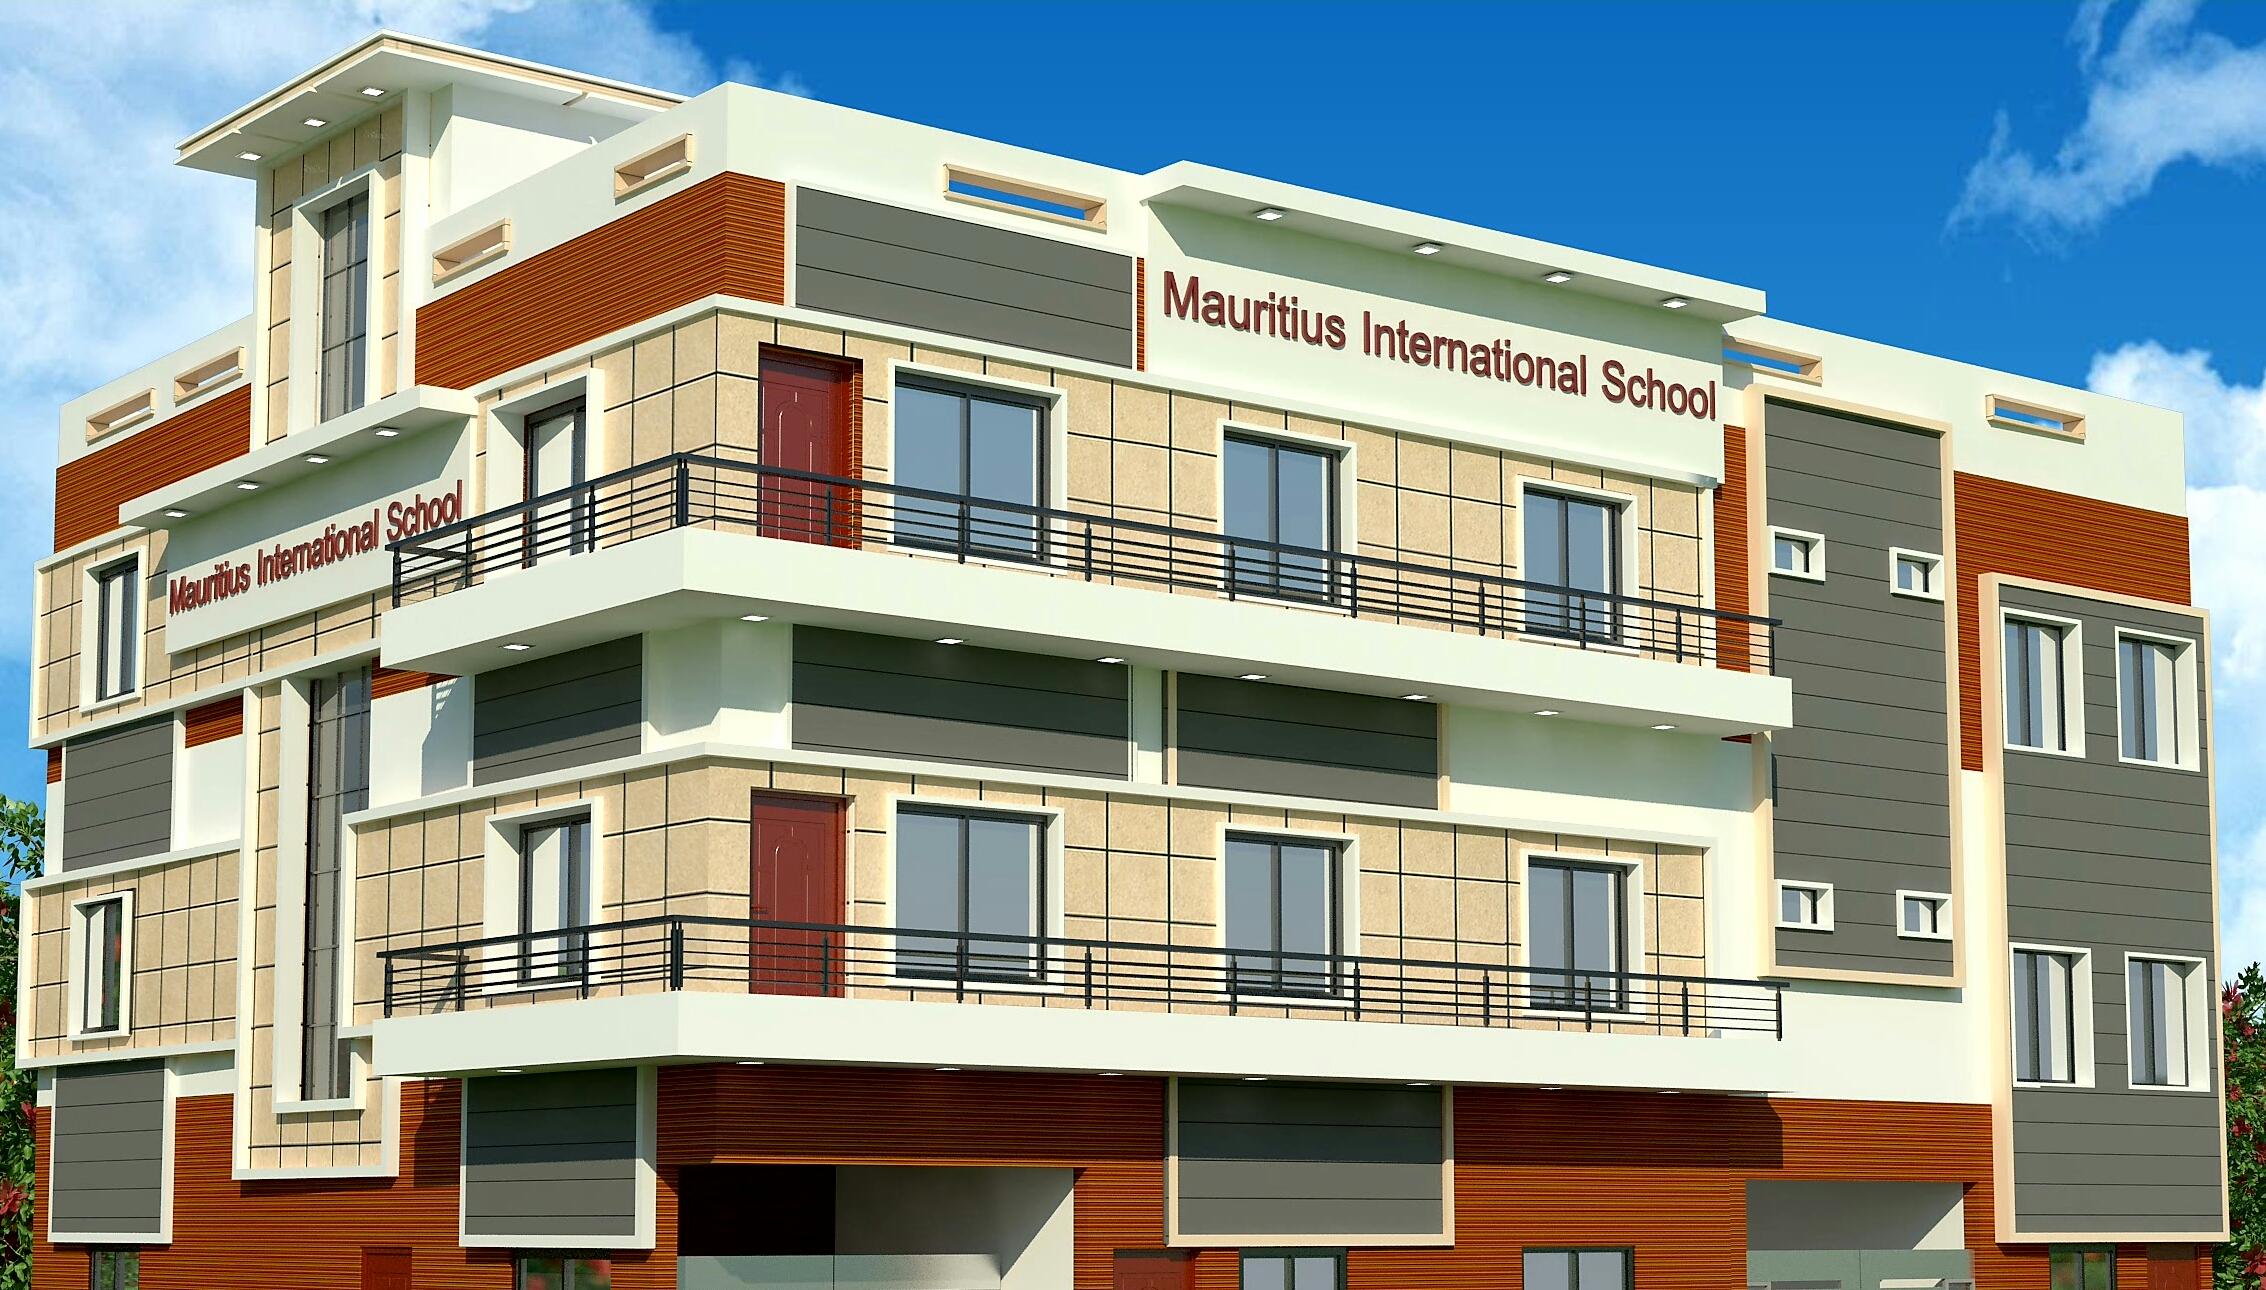 Mauritius Building.jpg